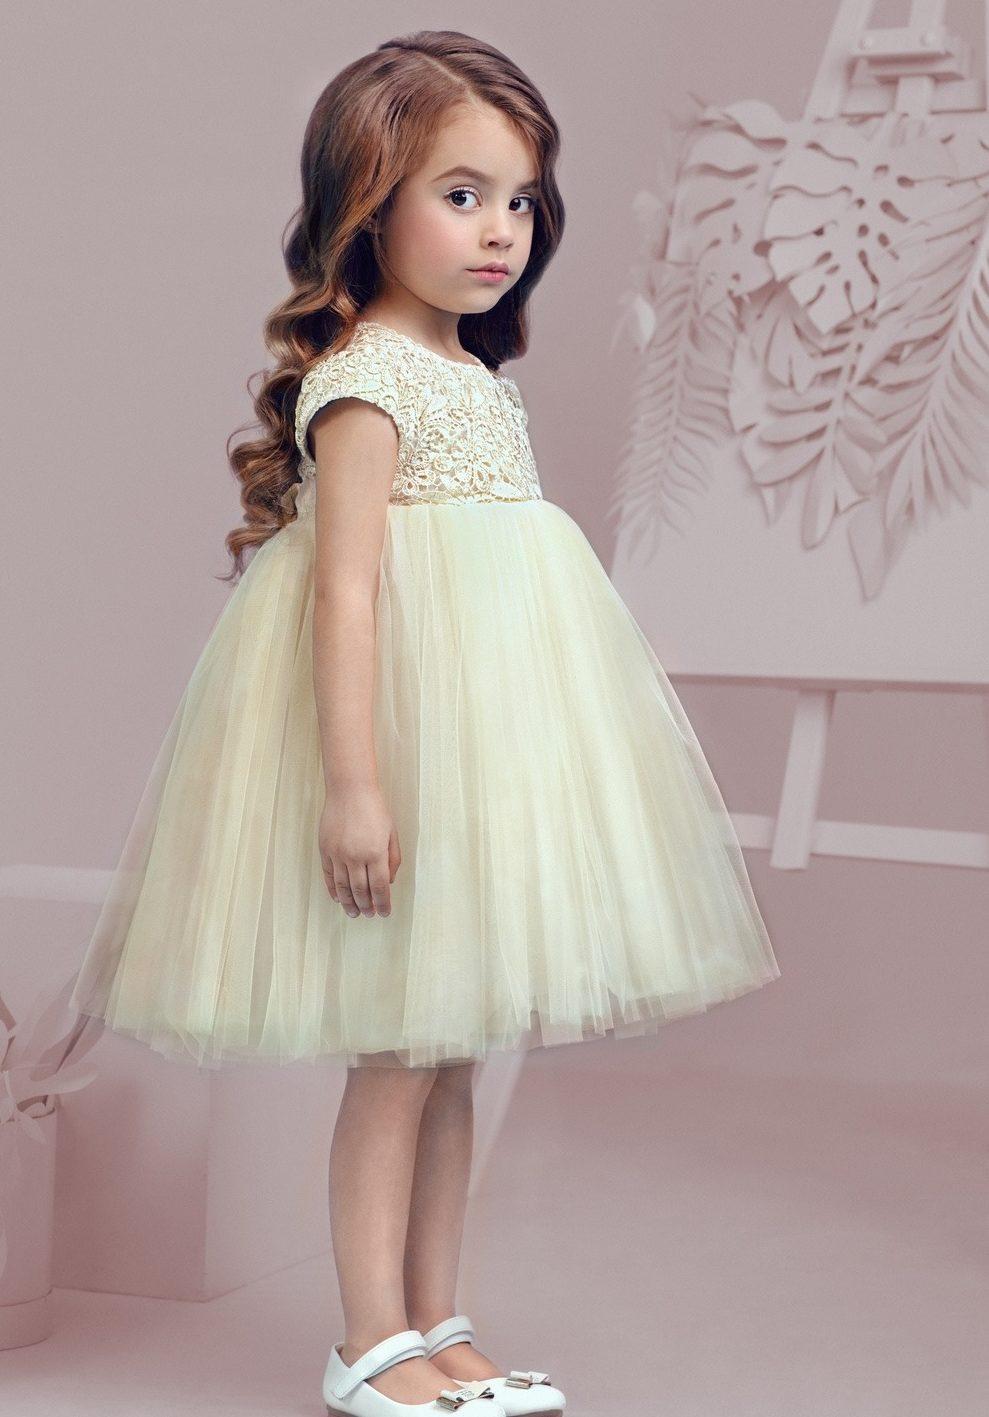 детская мода 2018 для девочек: светлое платье юбка пачка